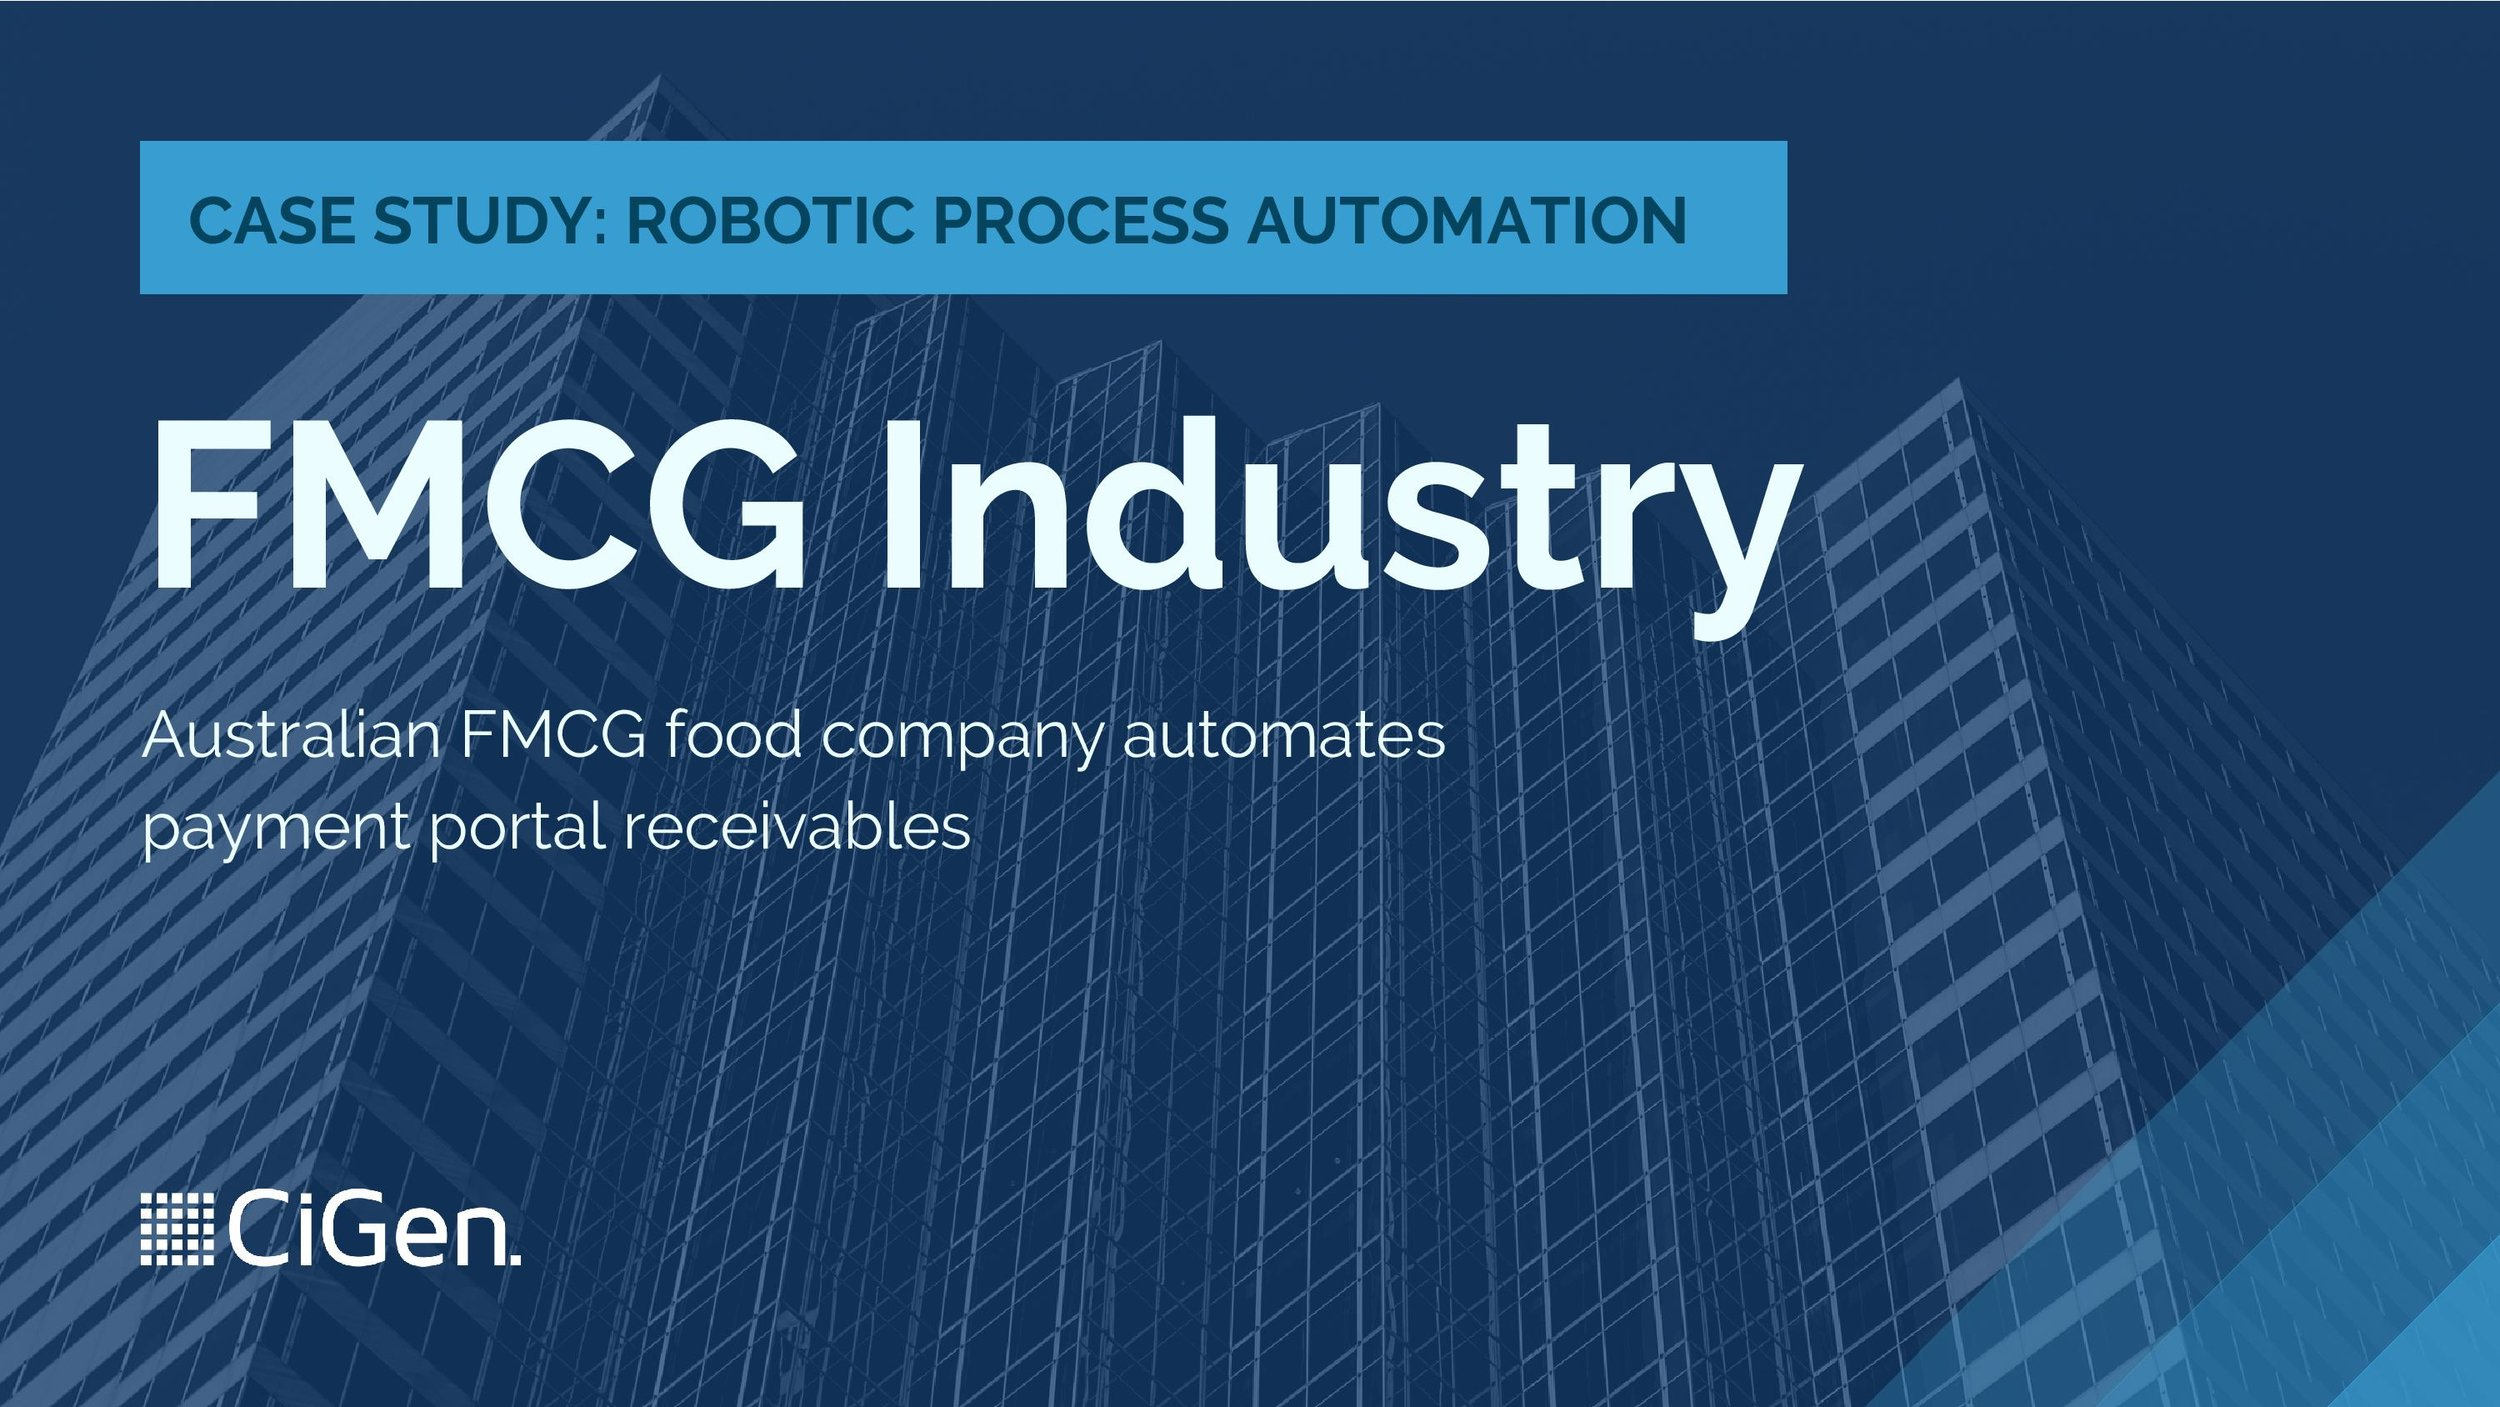 CiGen-robotic-process-automation-RPA-Australia-case-study-FMCG-food-company-automates-payment-portal-receivables-page-001.jpg